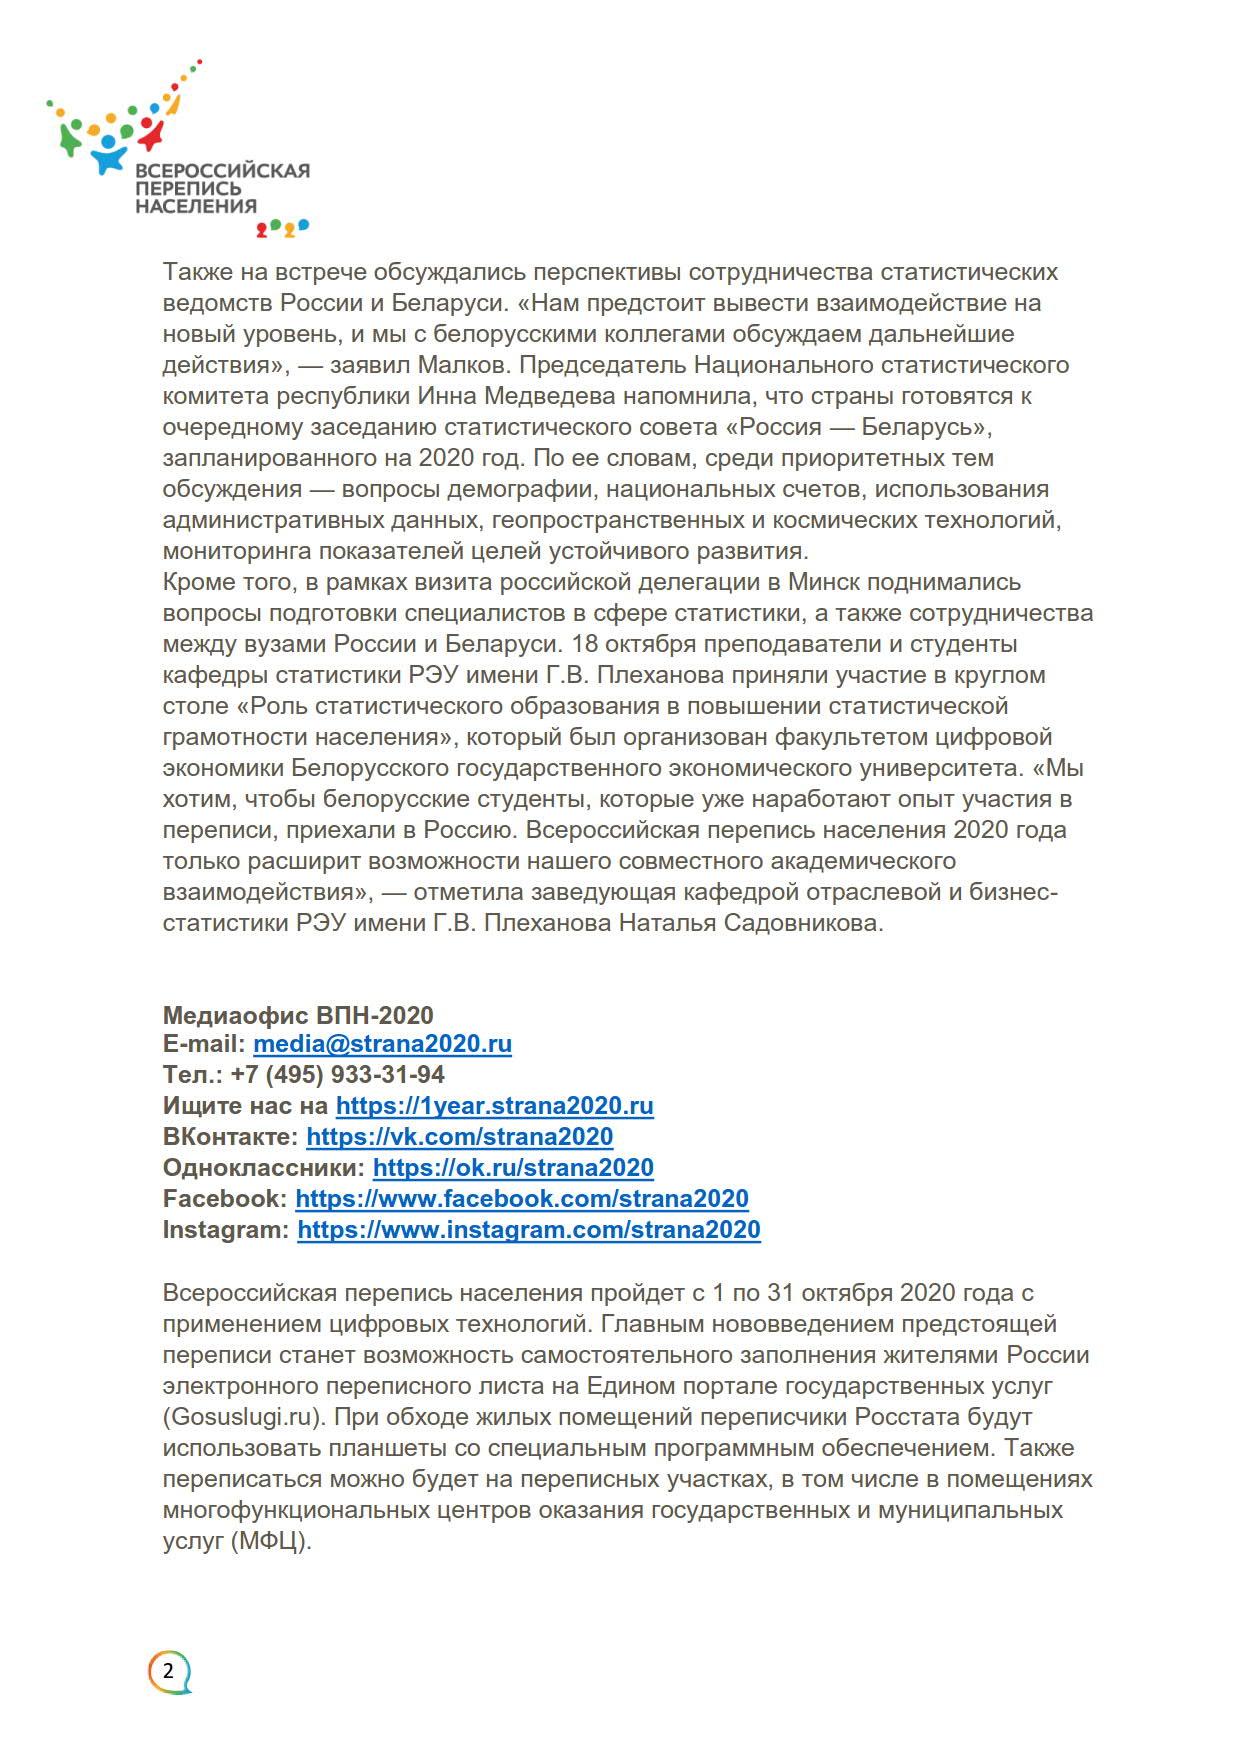 Релиз_визит в Беларусь_2